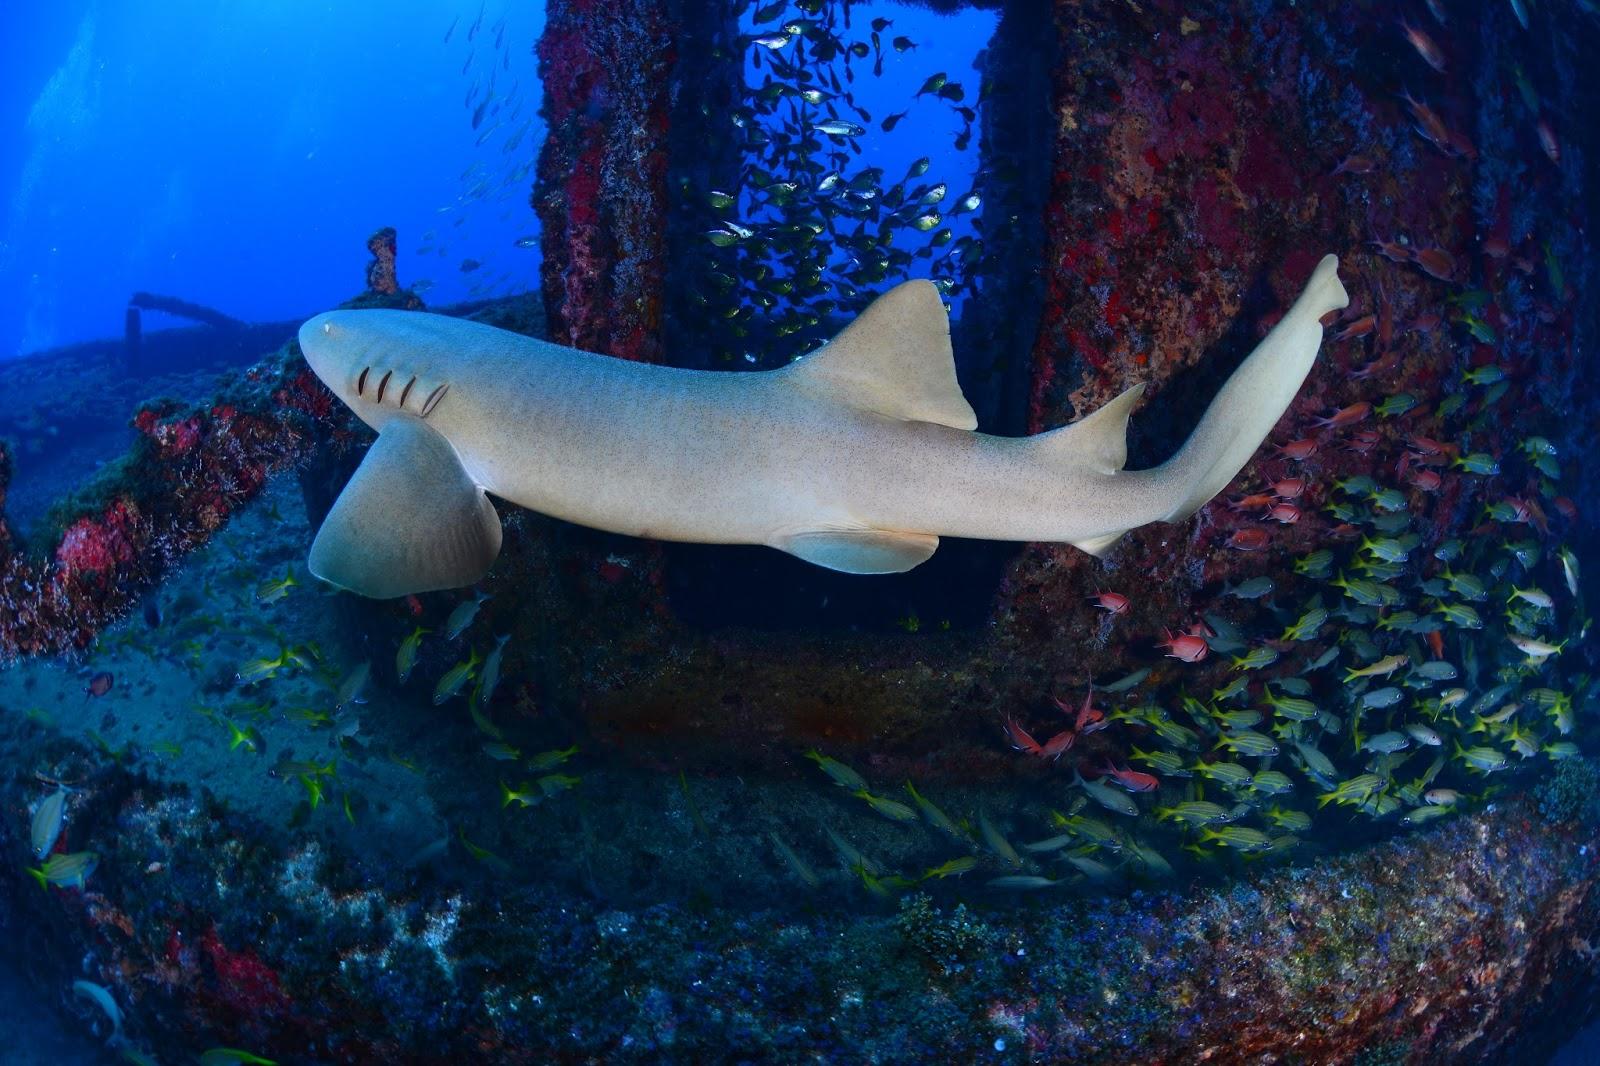 Diana teran fotos fant sticas del fondo del mar peces de colores tortuga gigante con muchos - Fotos fondo del mar ...